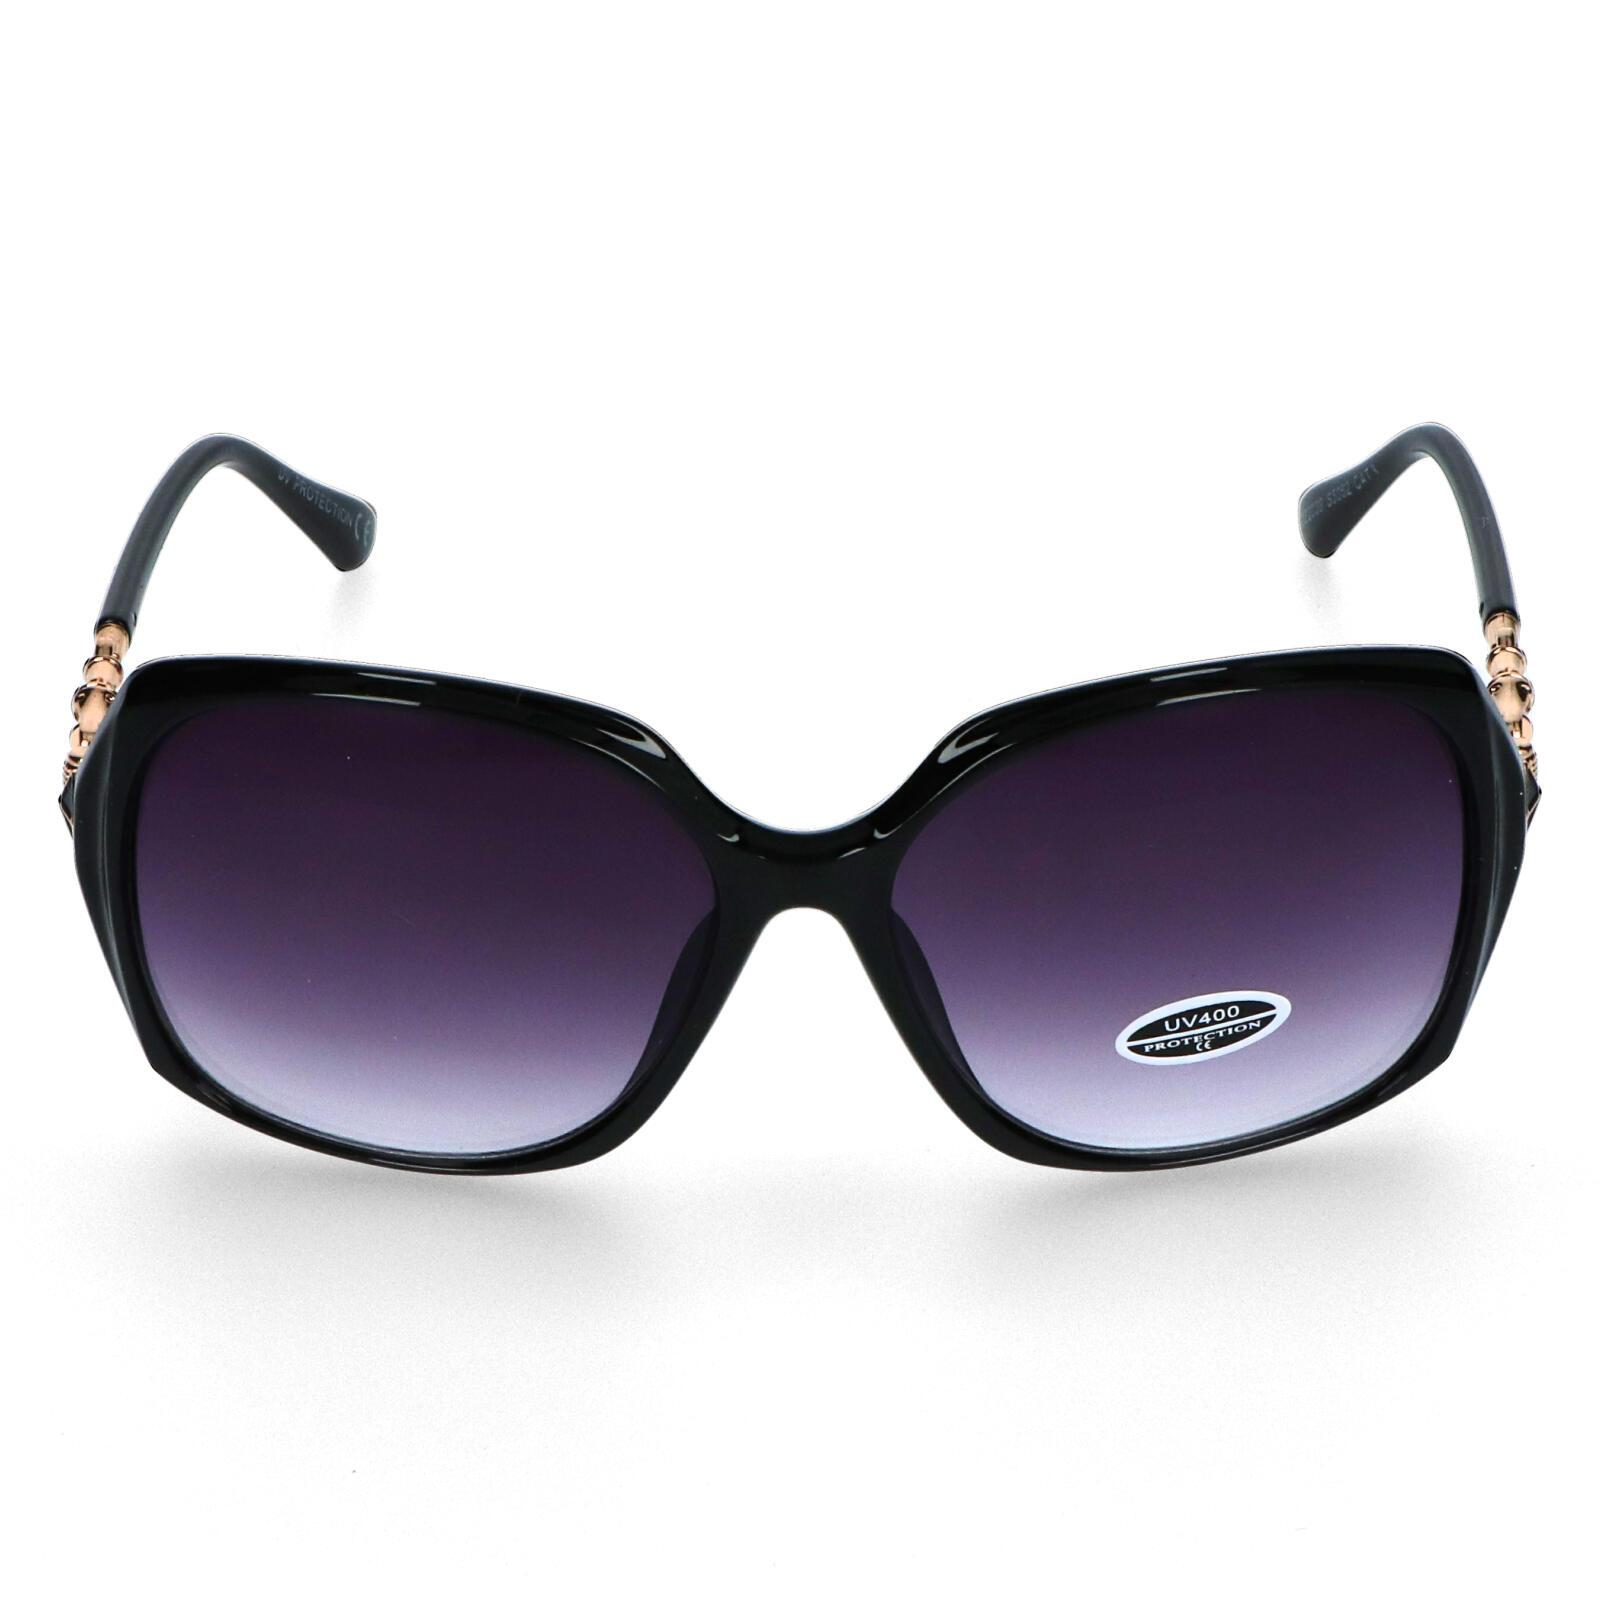 Dámské sluneční brýle černé - S2605